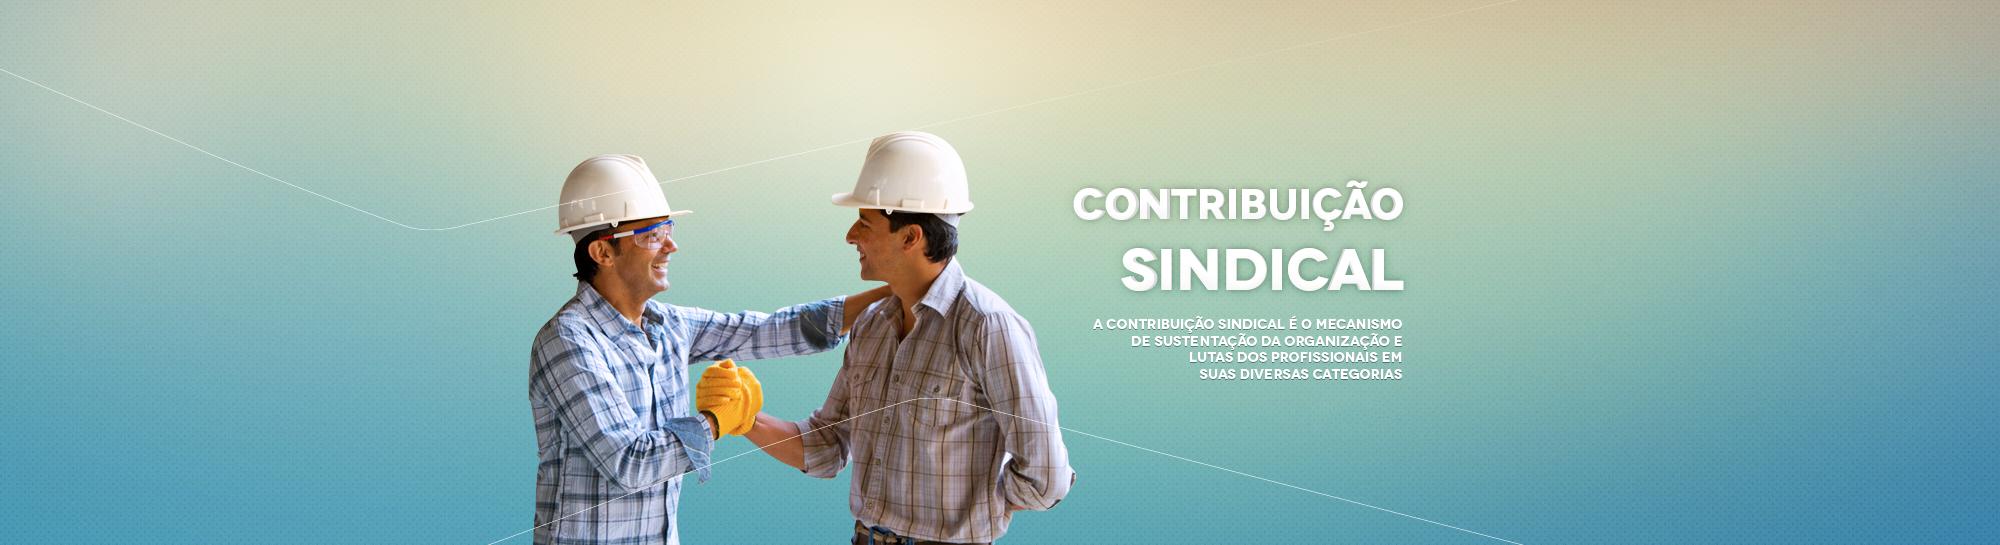 Banner 2 – Contribuição Sindical